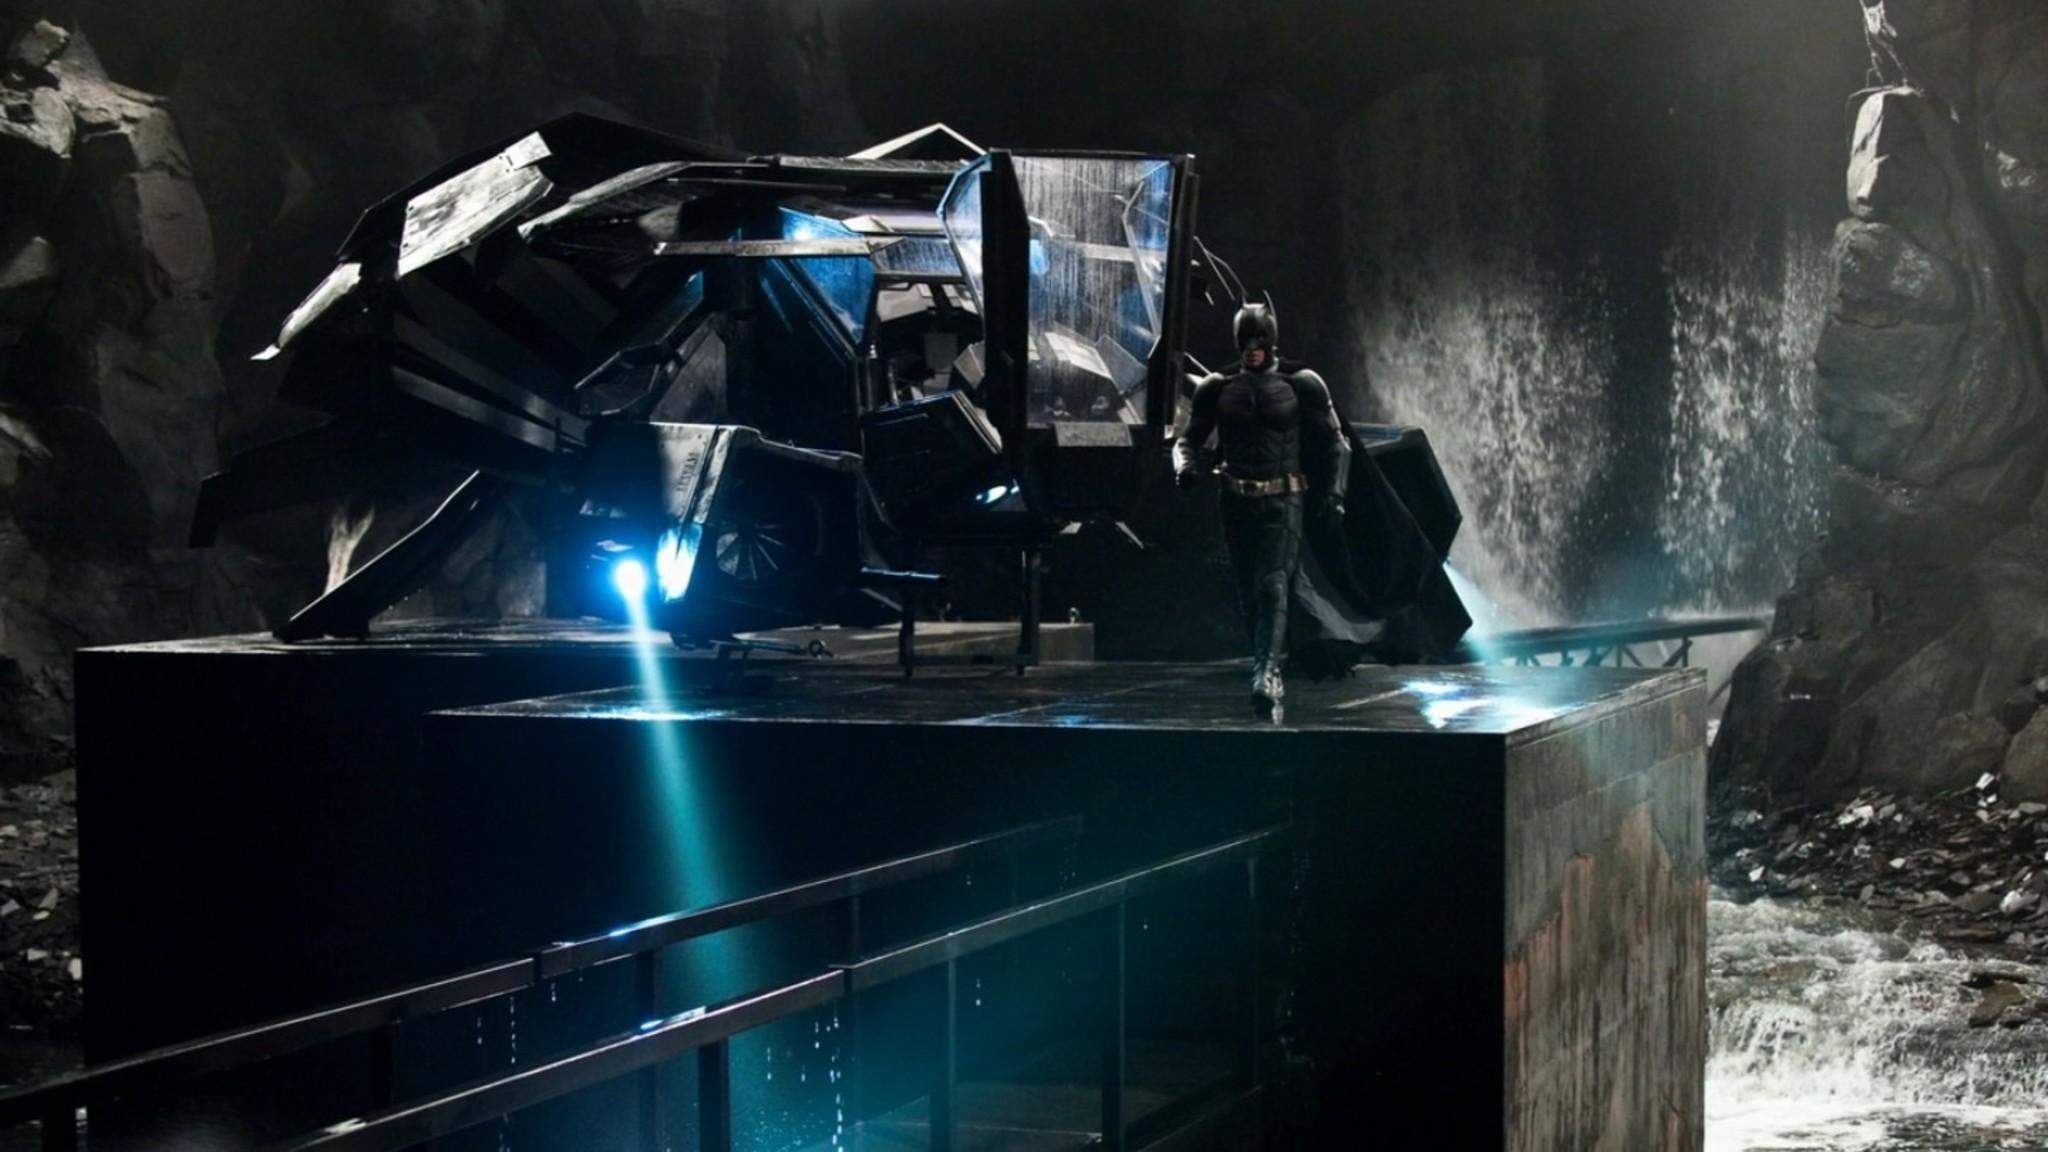 Batman batcave the dark knight rises bat wallpaper .